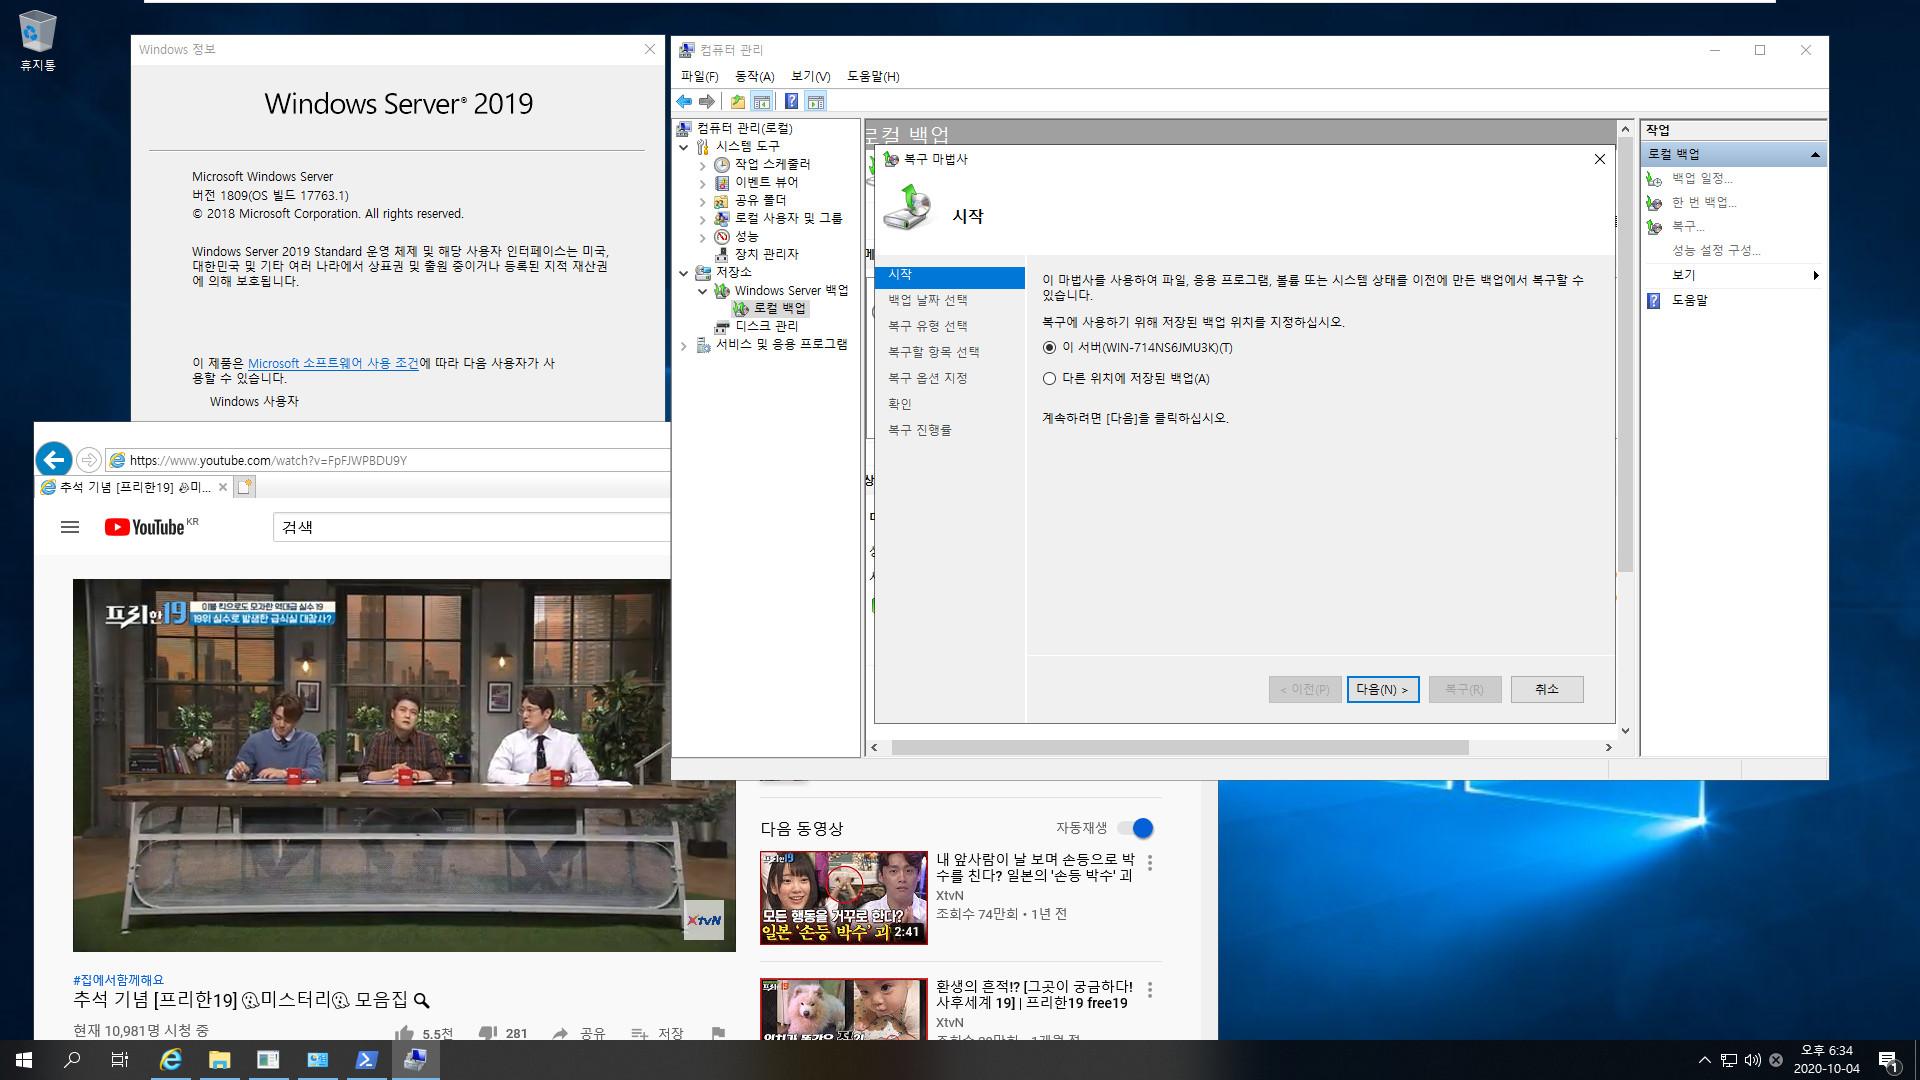 윈도우 서버군은 윈도우 사용중에도 자체 WBadmin 명령으로 윈도우 복구를 합니다 - Windows Server 2019로 복구 테스트 2020-10-04_183447.jpg